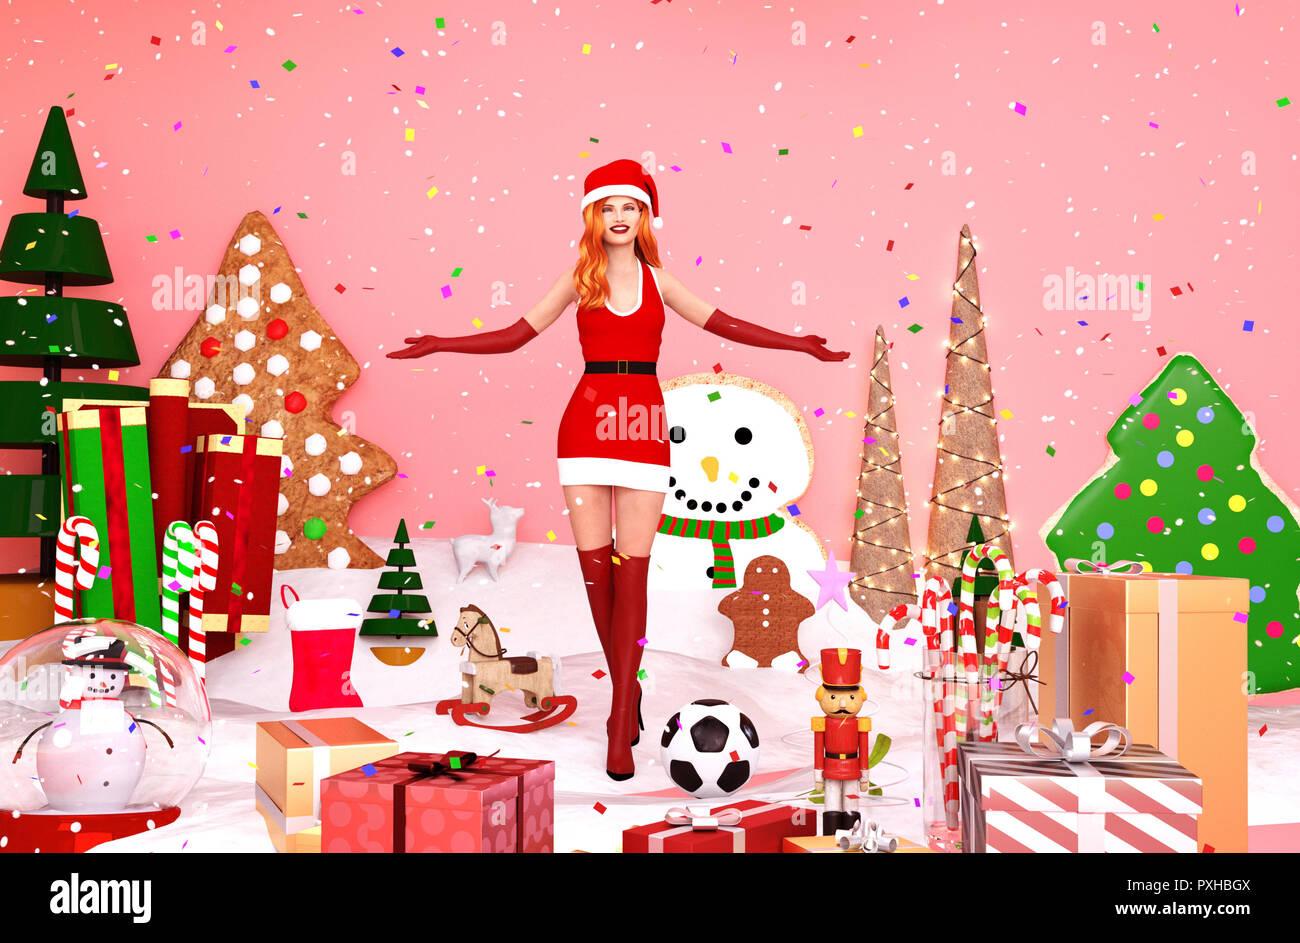 Christmas Land.Christmas Land Stock Photos Christmas Land Stock Images